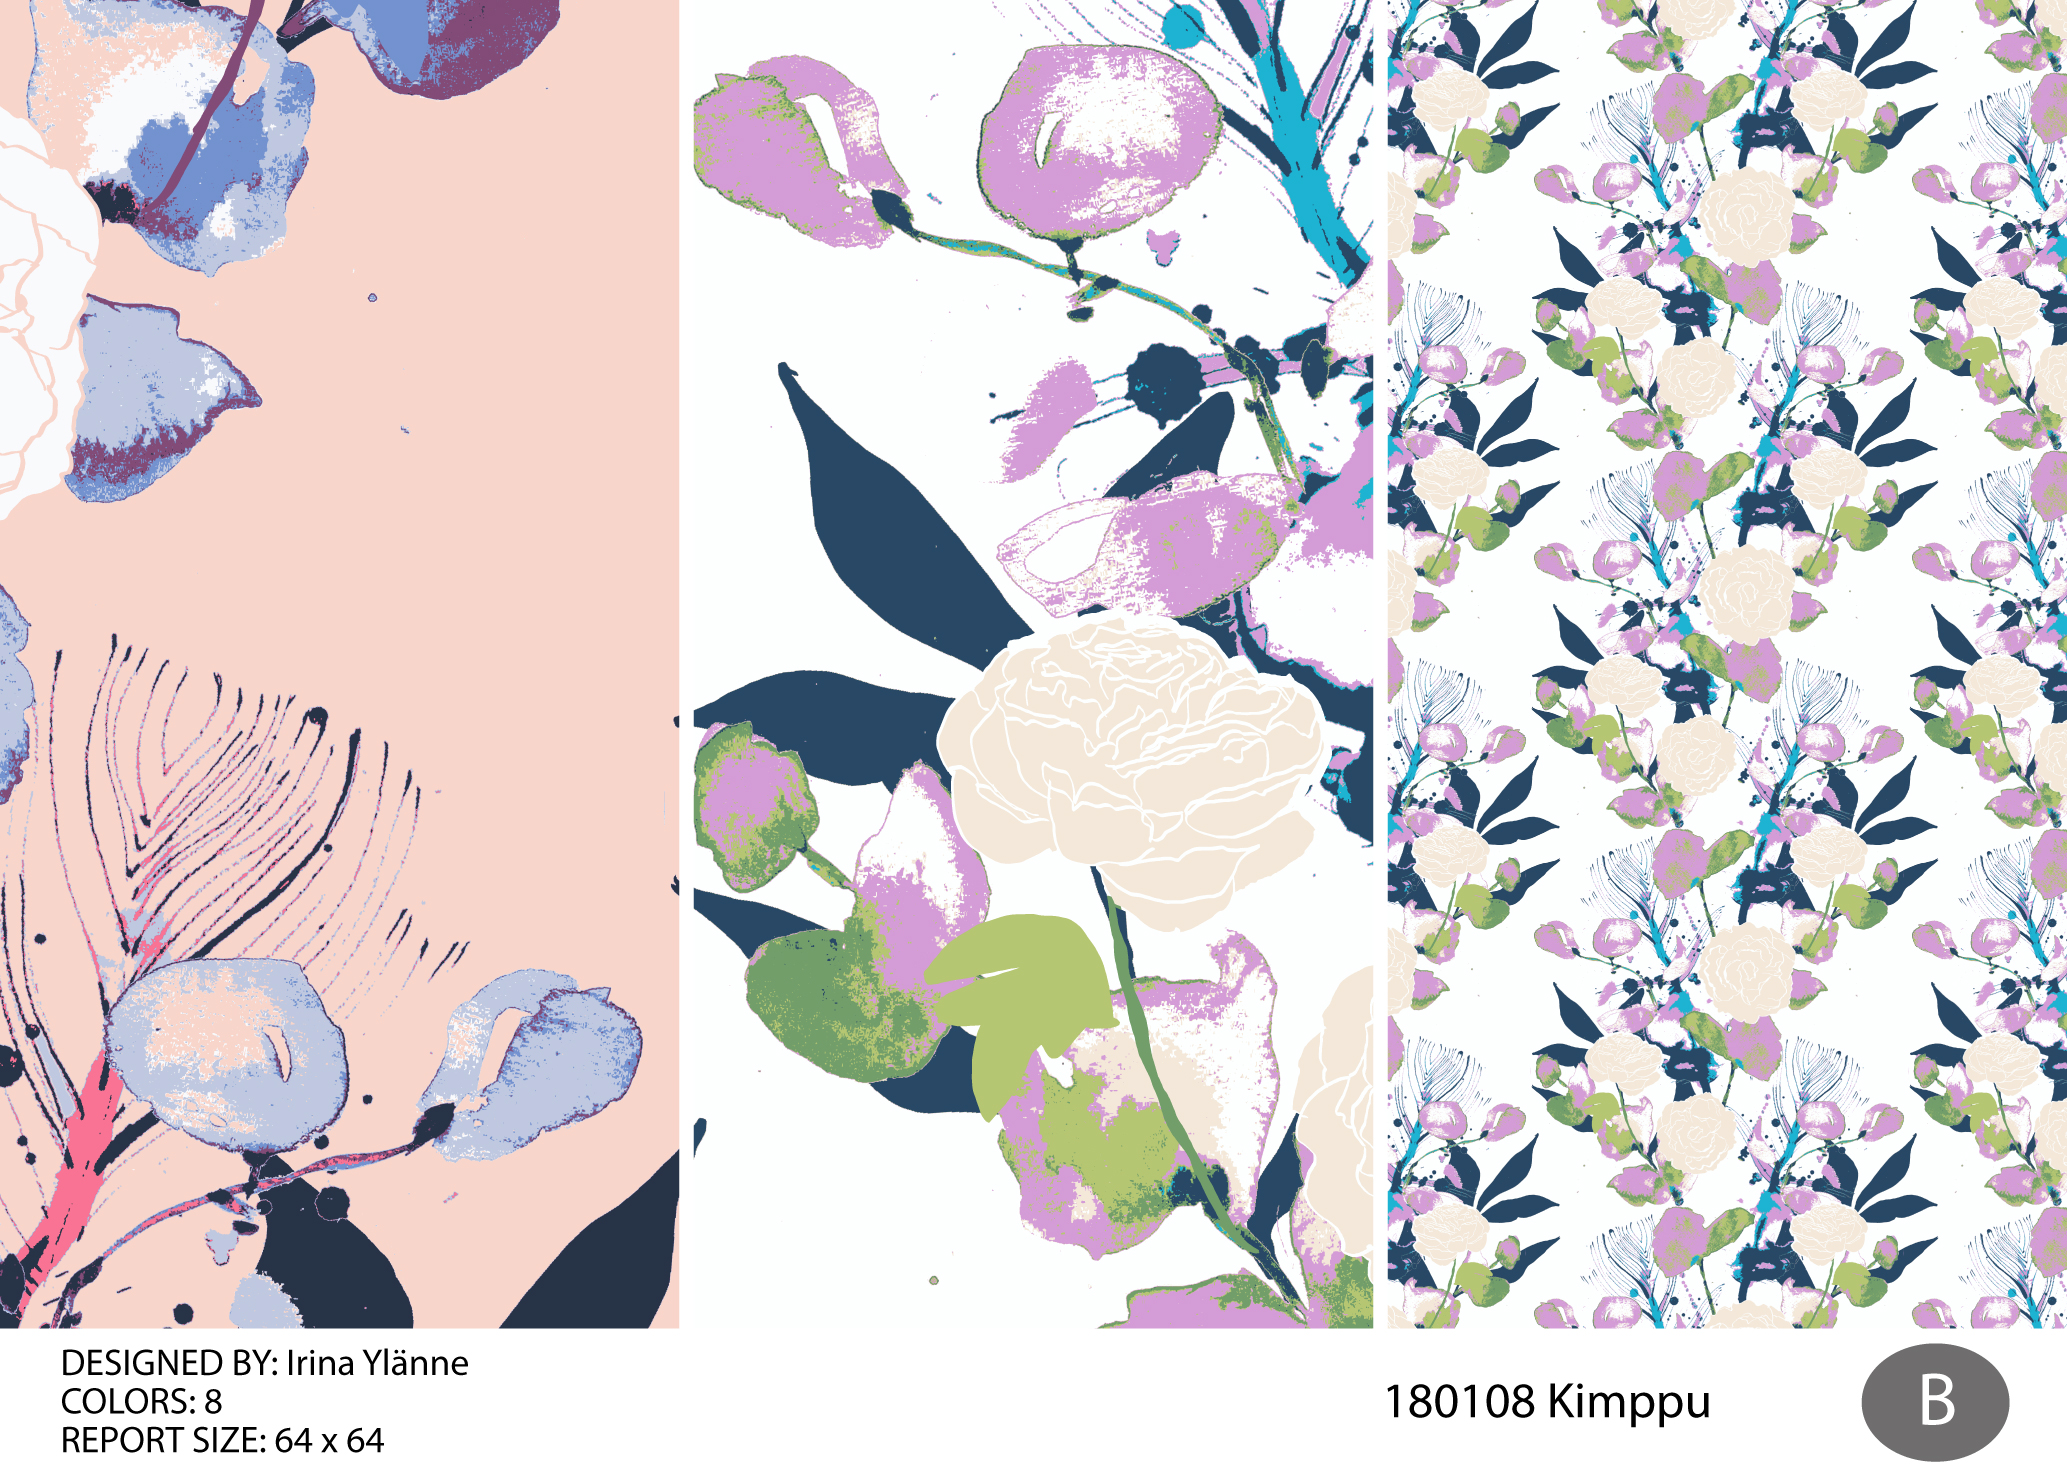 irina_kimppu 180108-05